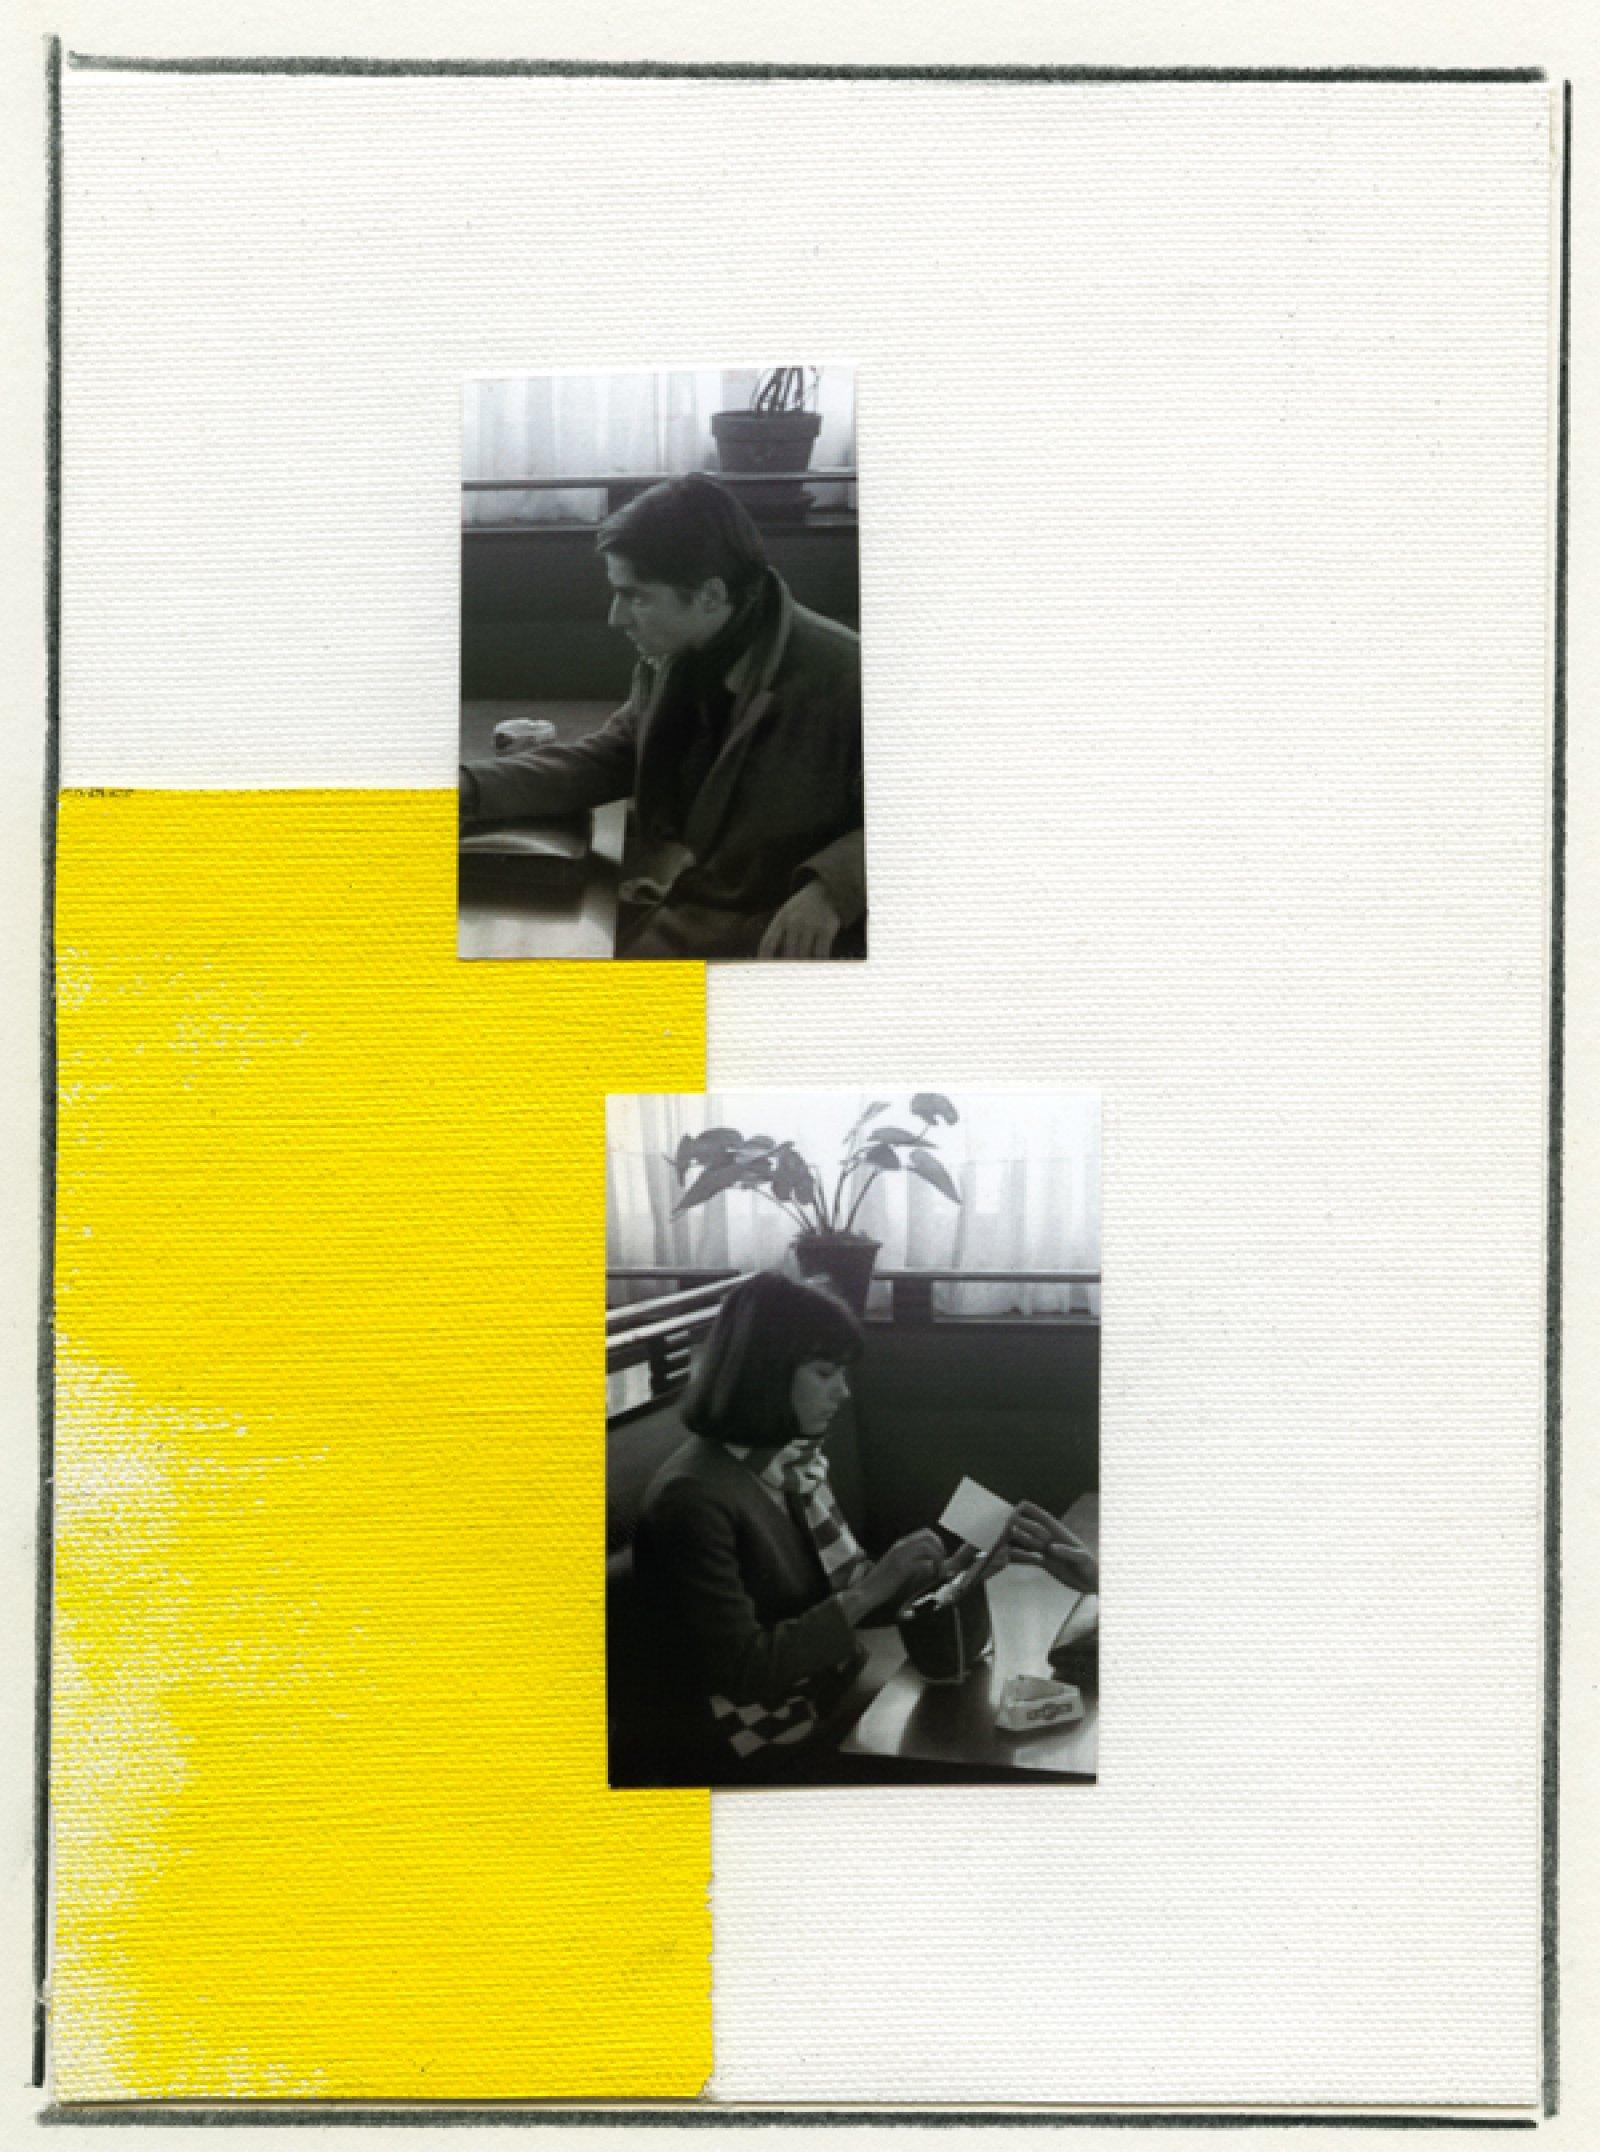 Ian Wallace, Enlarged Inkjet Study for Masculin/Féminin VI, 2010, inkjet print, 47 x 35 in. (119 x 89 cm)   by Ian Wallace